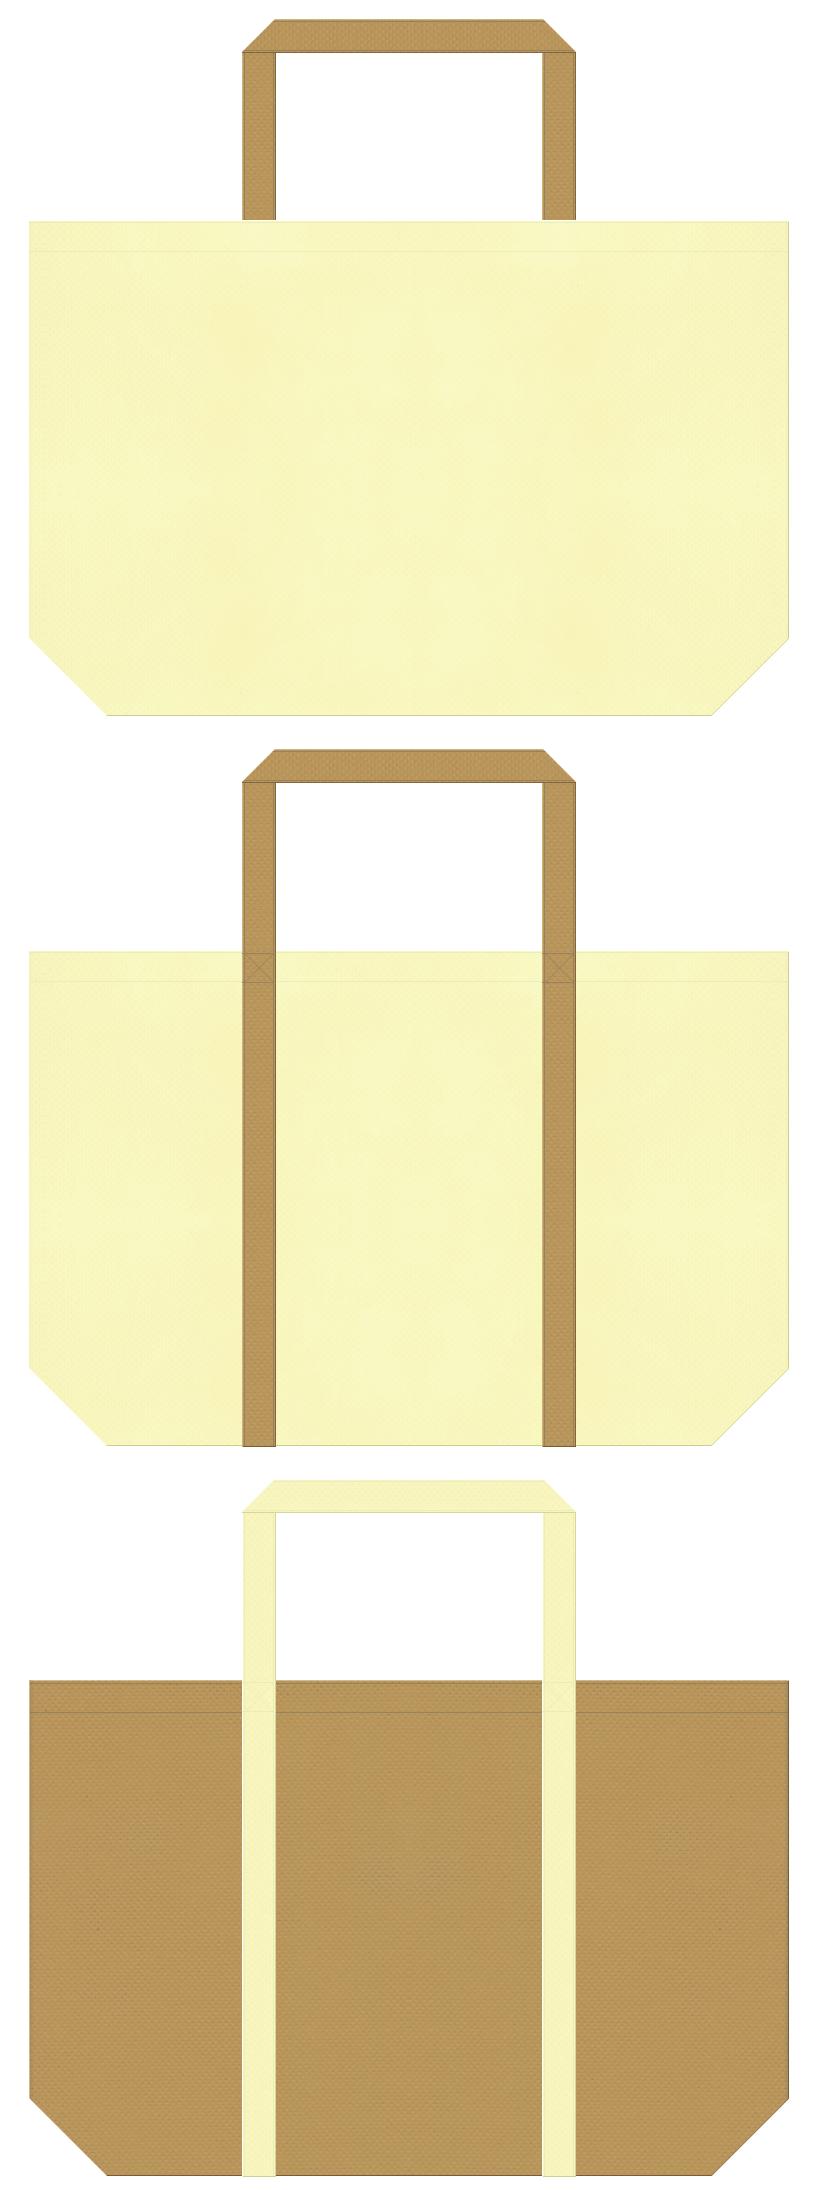 工作・木工・DIY・キウイフルーツ・コーヒーロール・カレーパン・マロンケーキ・カフェ・スイーツ・ベーカリー・和菓子にお奨めの不織布バッグデザイン:薄黄色と金黄土色のコーデ